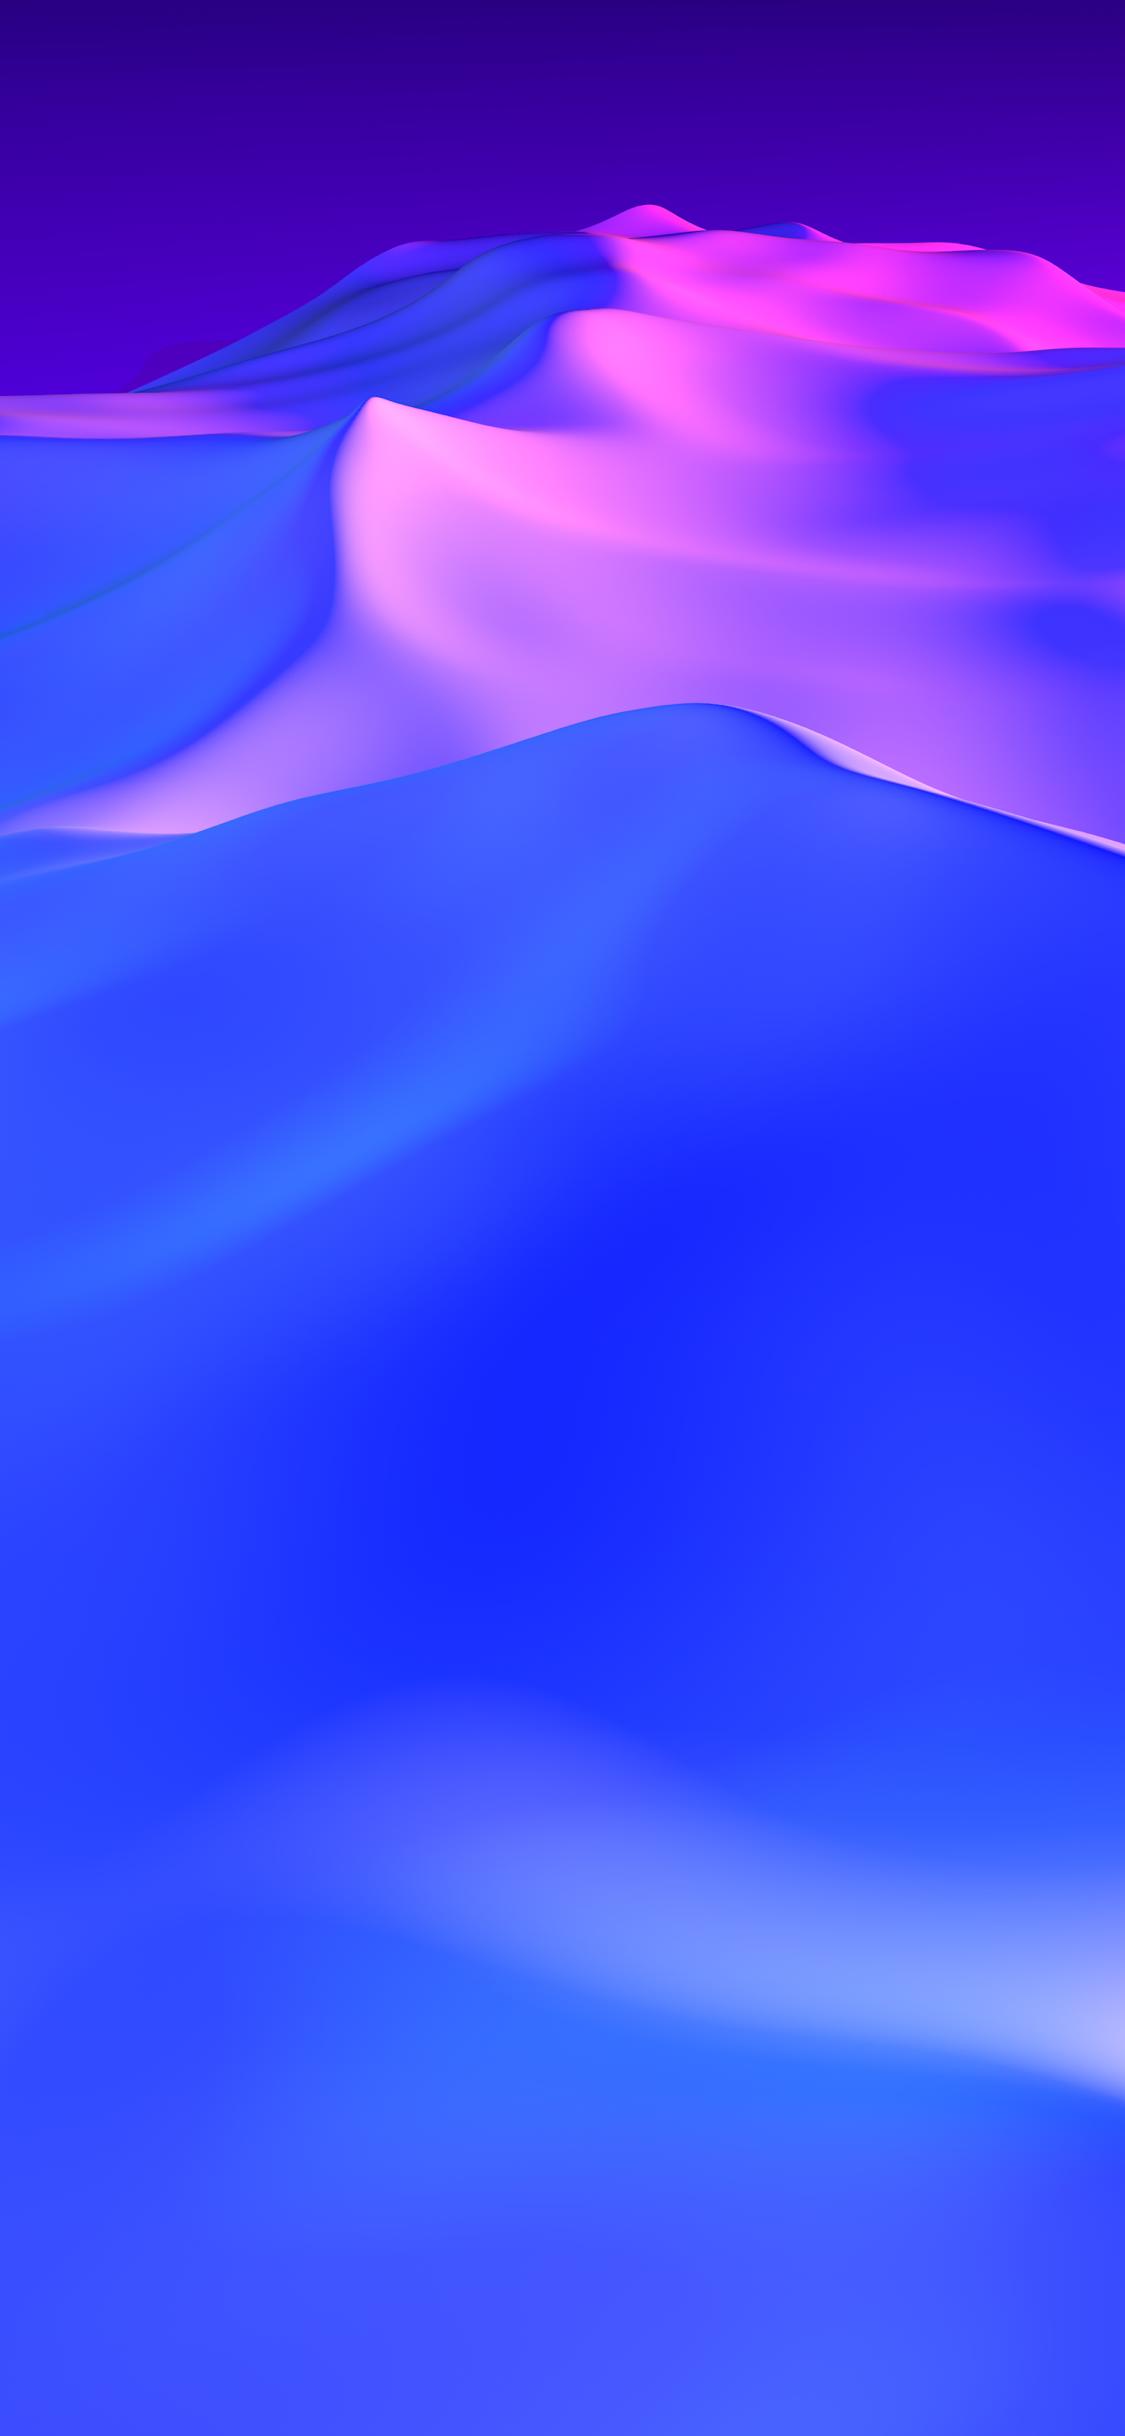 抽象的なパープルデューンズiphone Xs Android壁紙 1125 2436